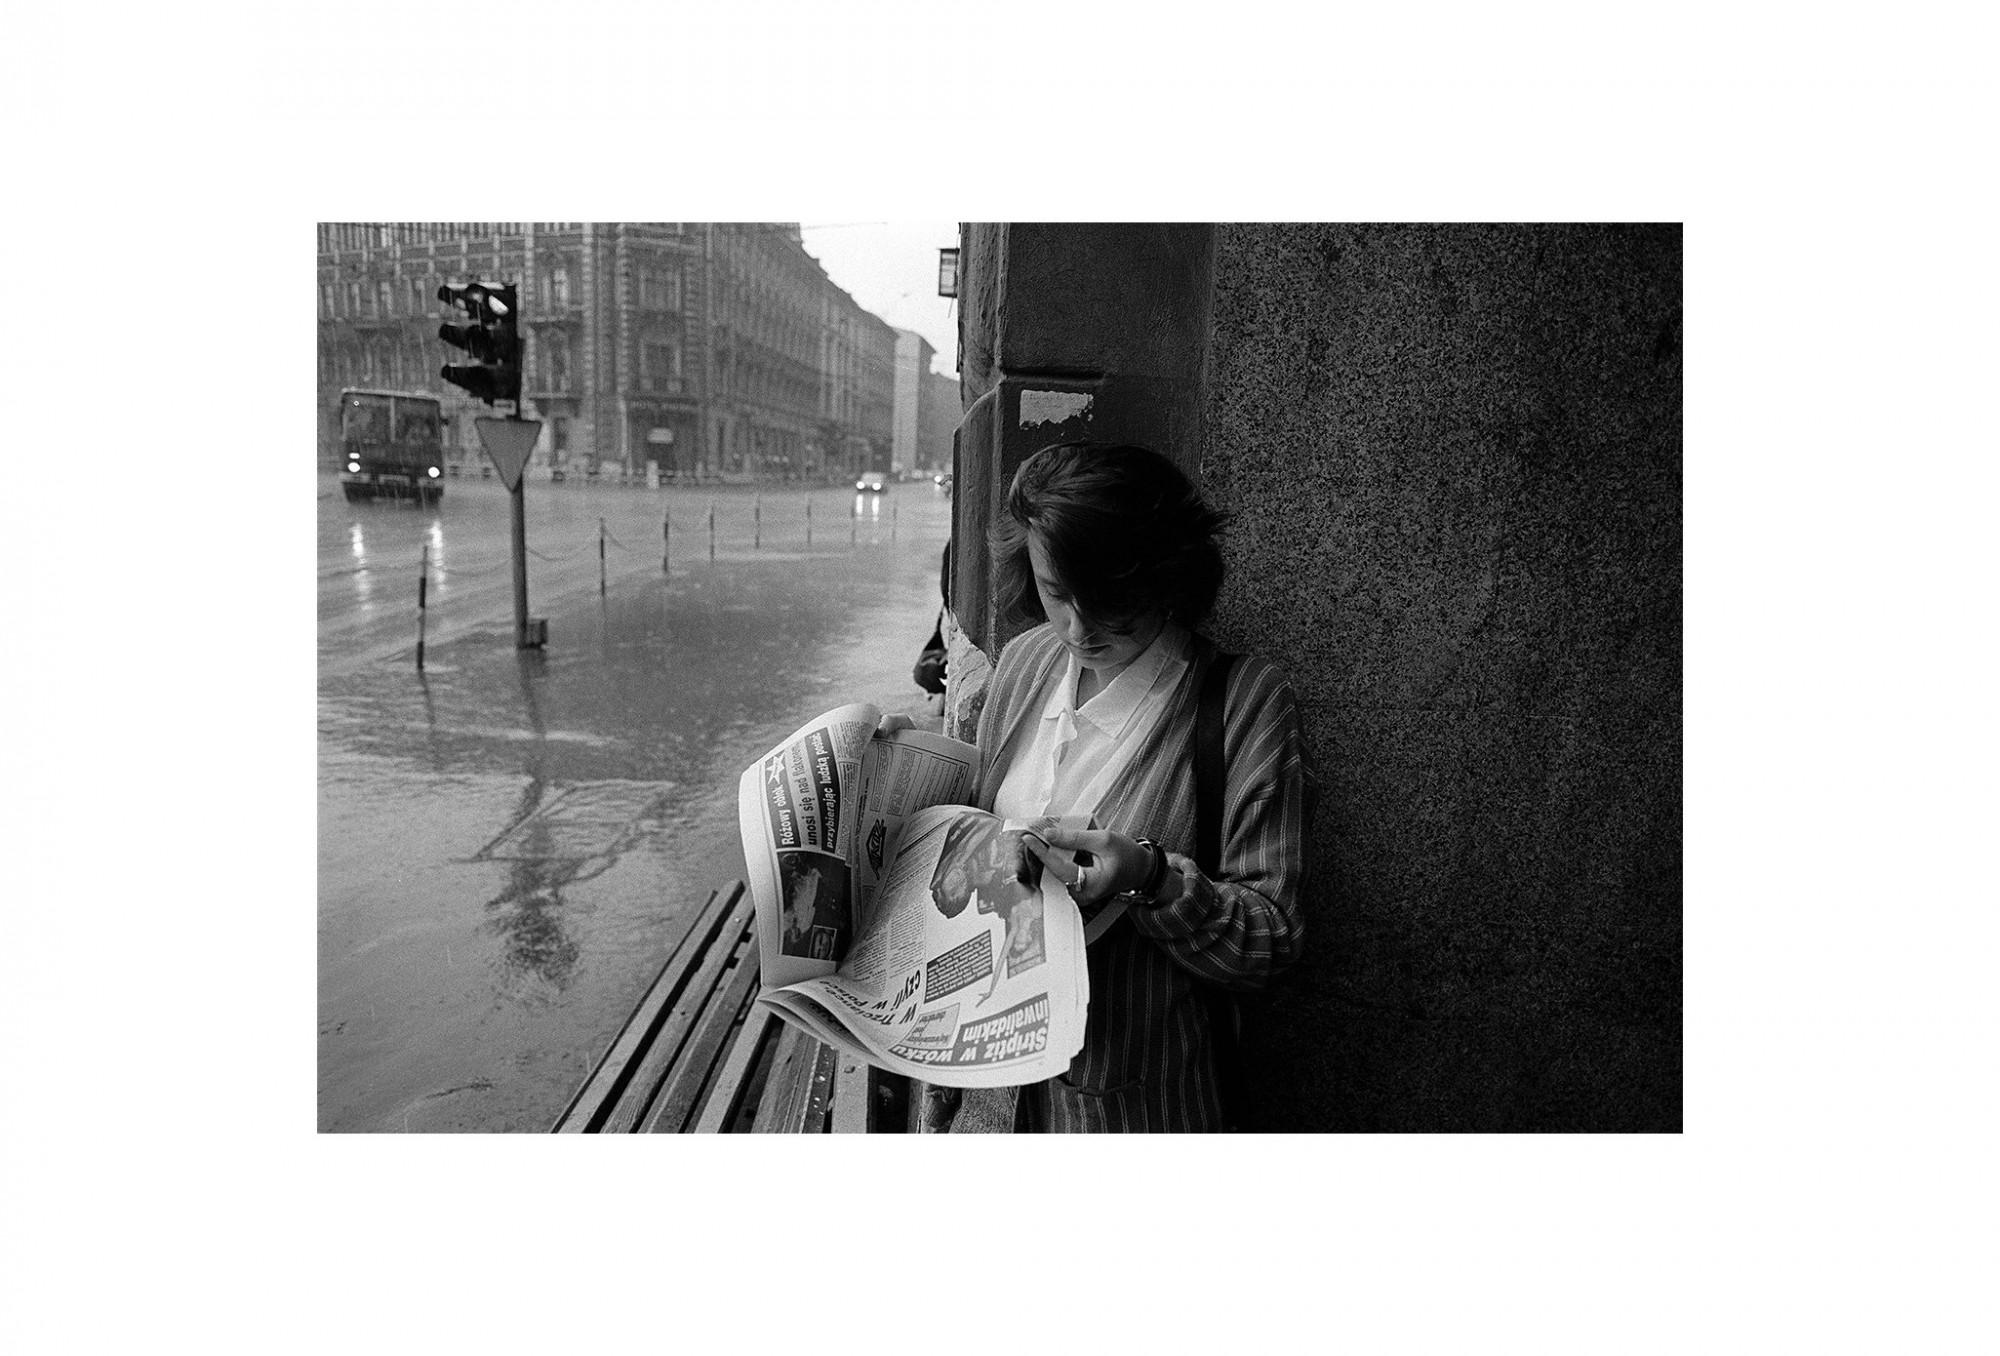 Afbeelding: Uit de reeks : Polen, een kast op glazen poten, 91-16-27, Krakow, © Dominique Van Huffel